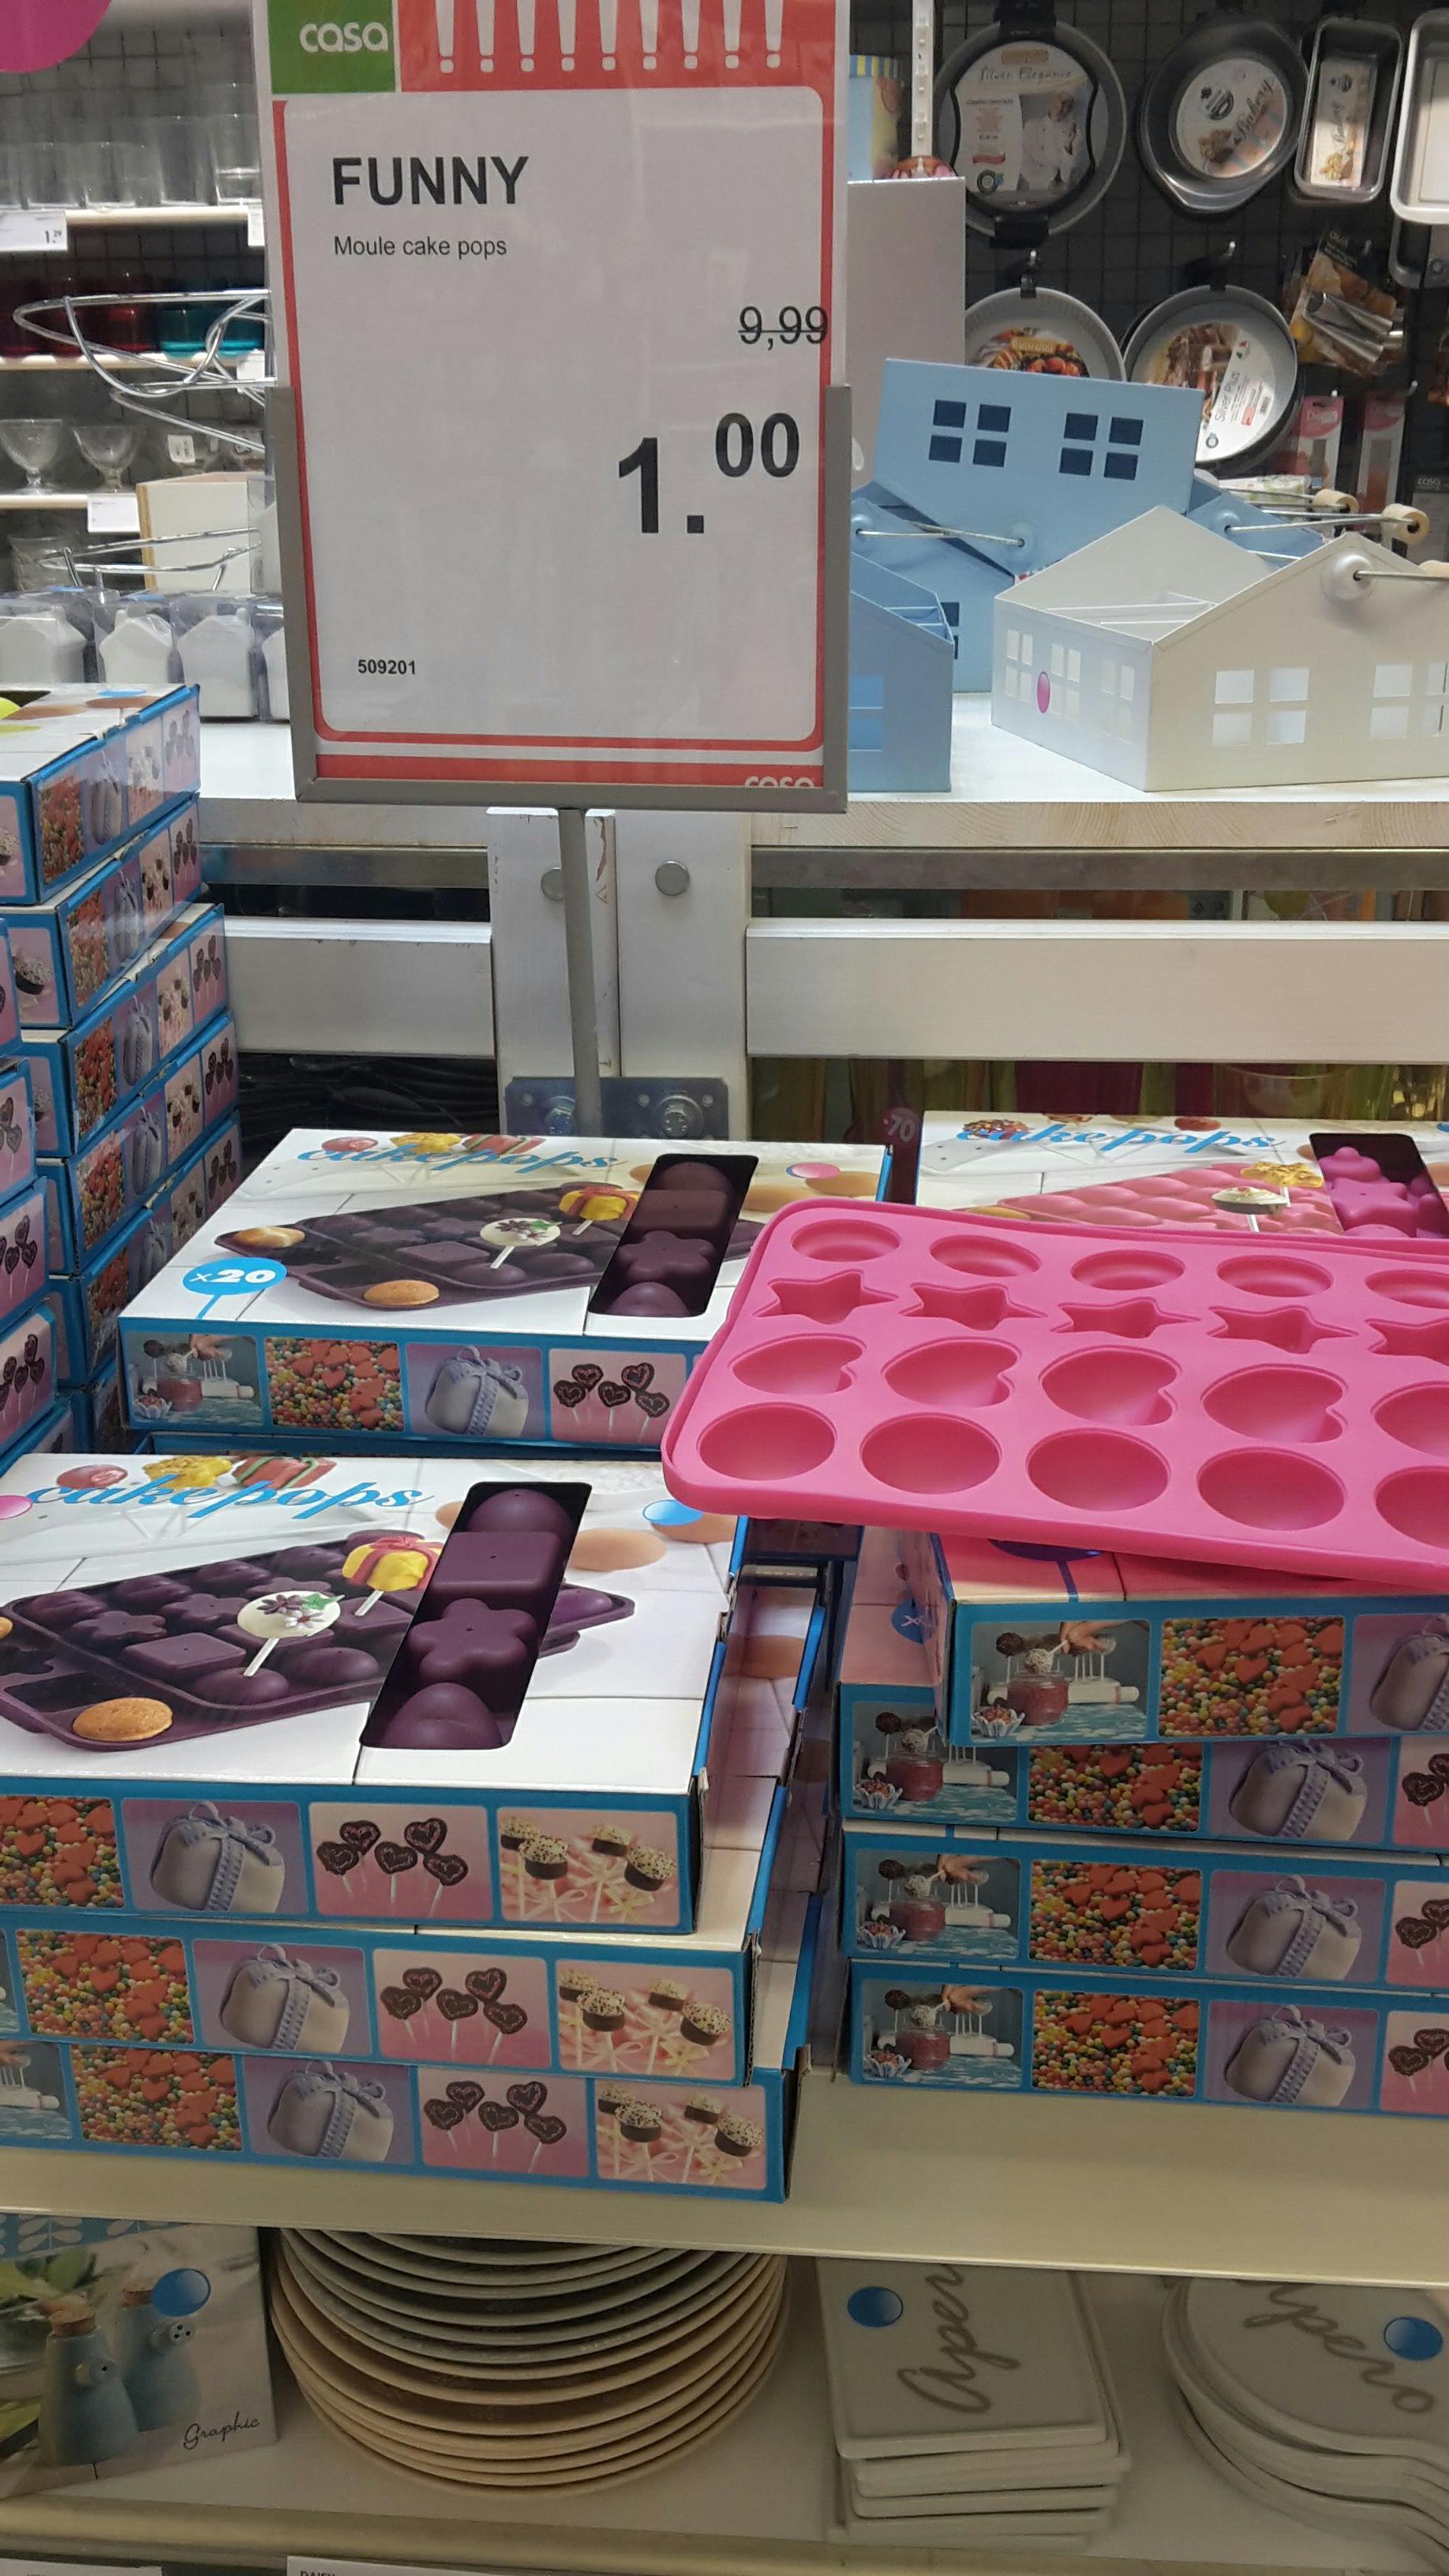 Moule à cake pops Funny